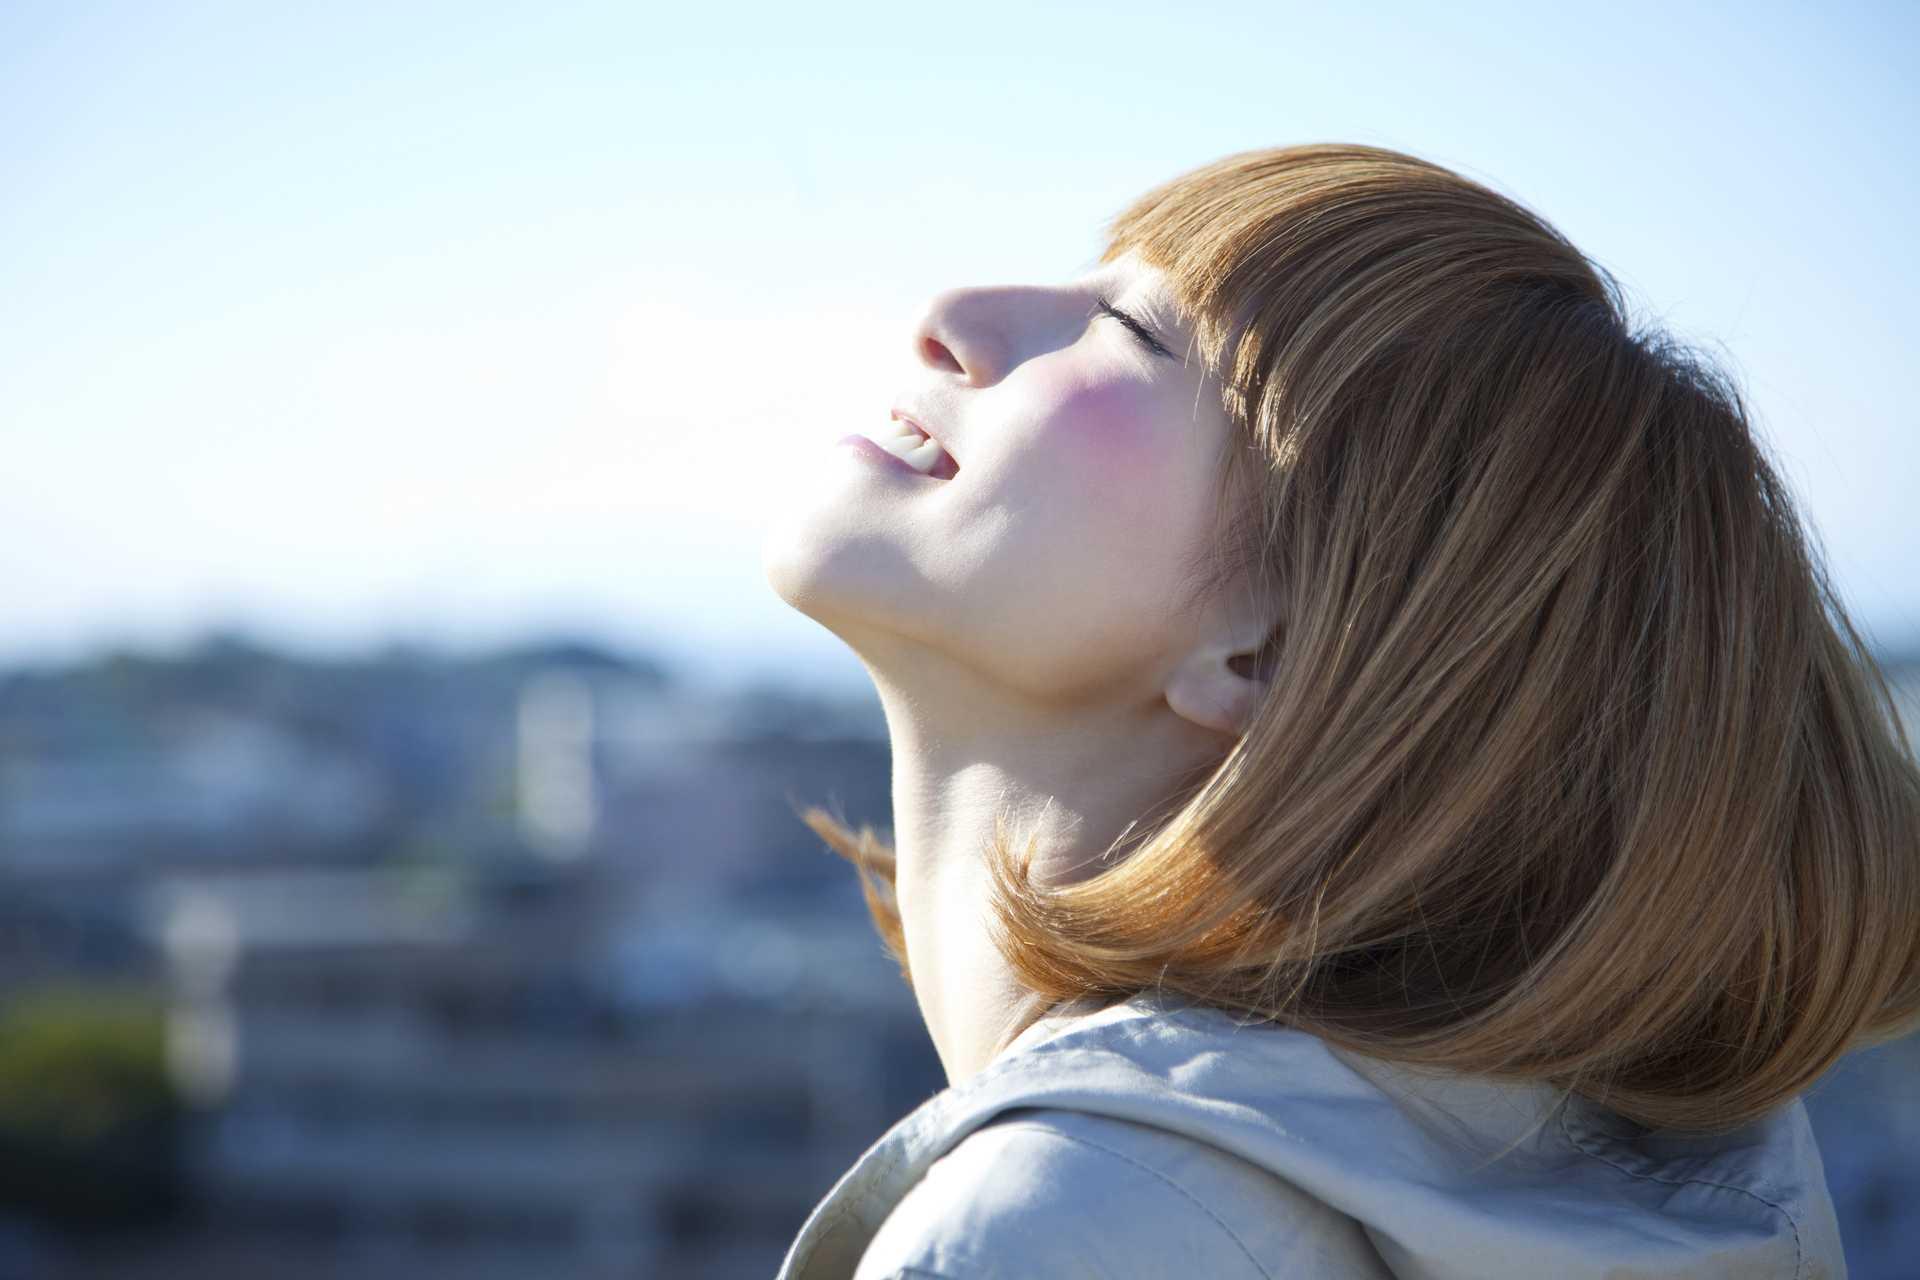 太陽は、人にとってなくてはならない存在である。 | 早寝早起きの生活で人生を変える30の方法